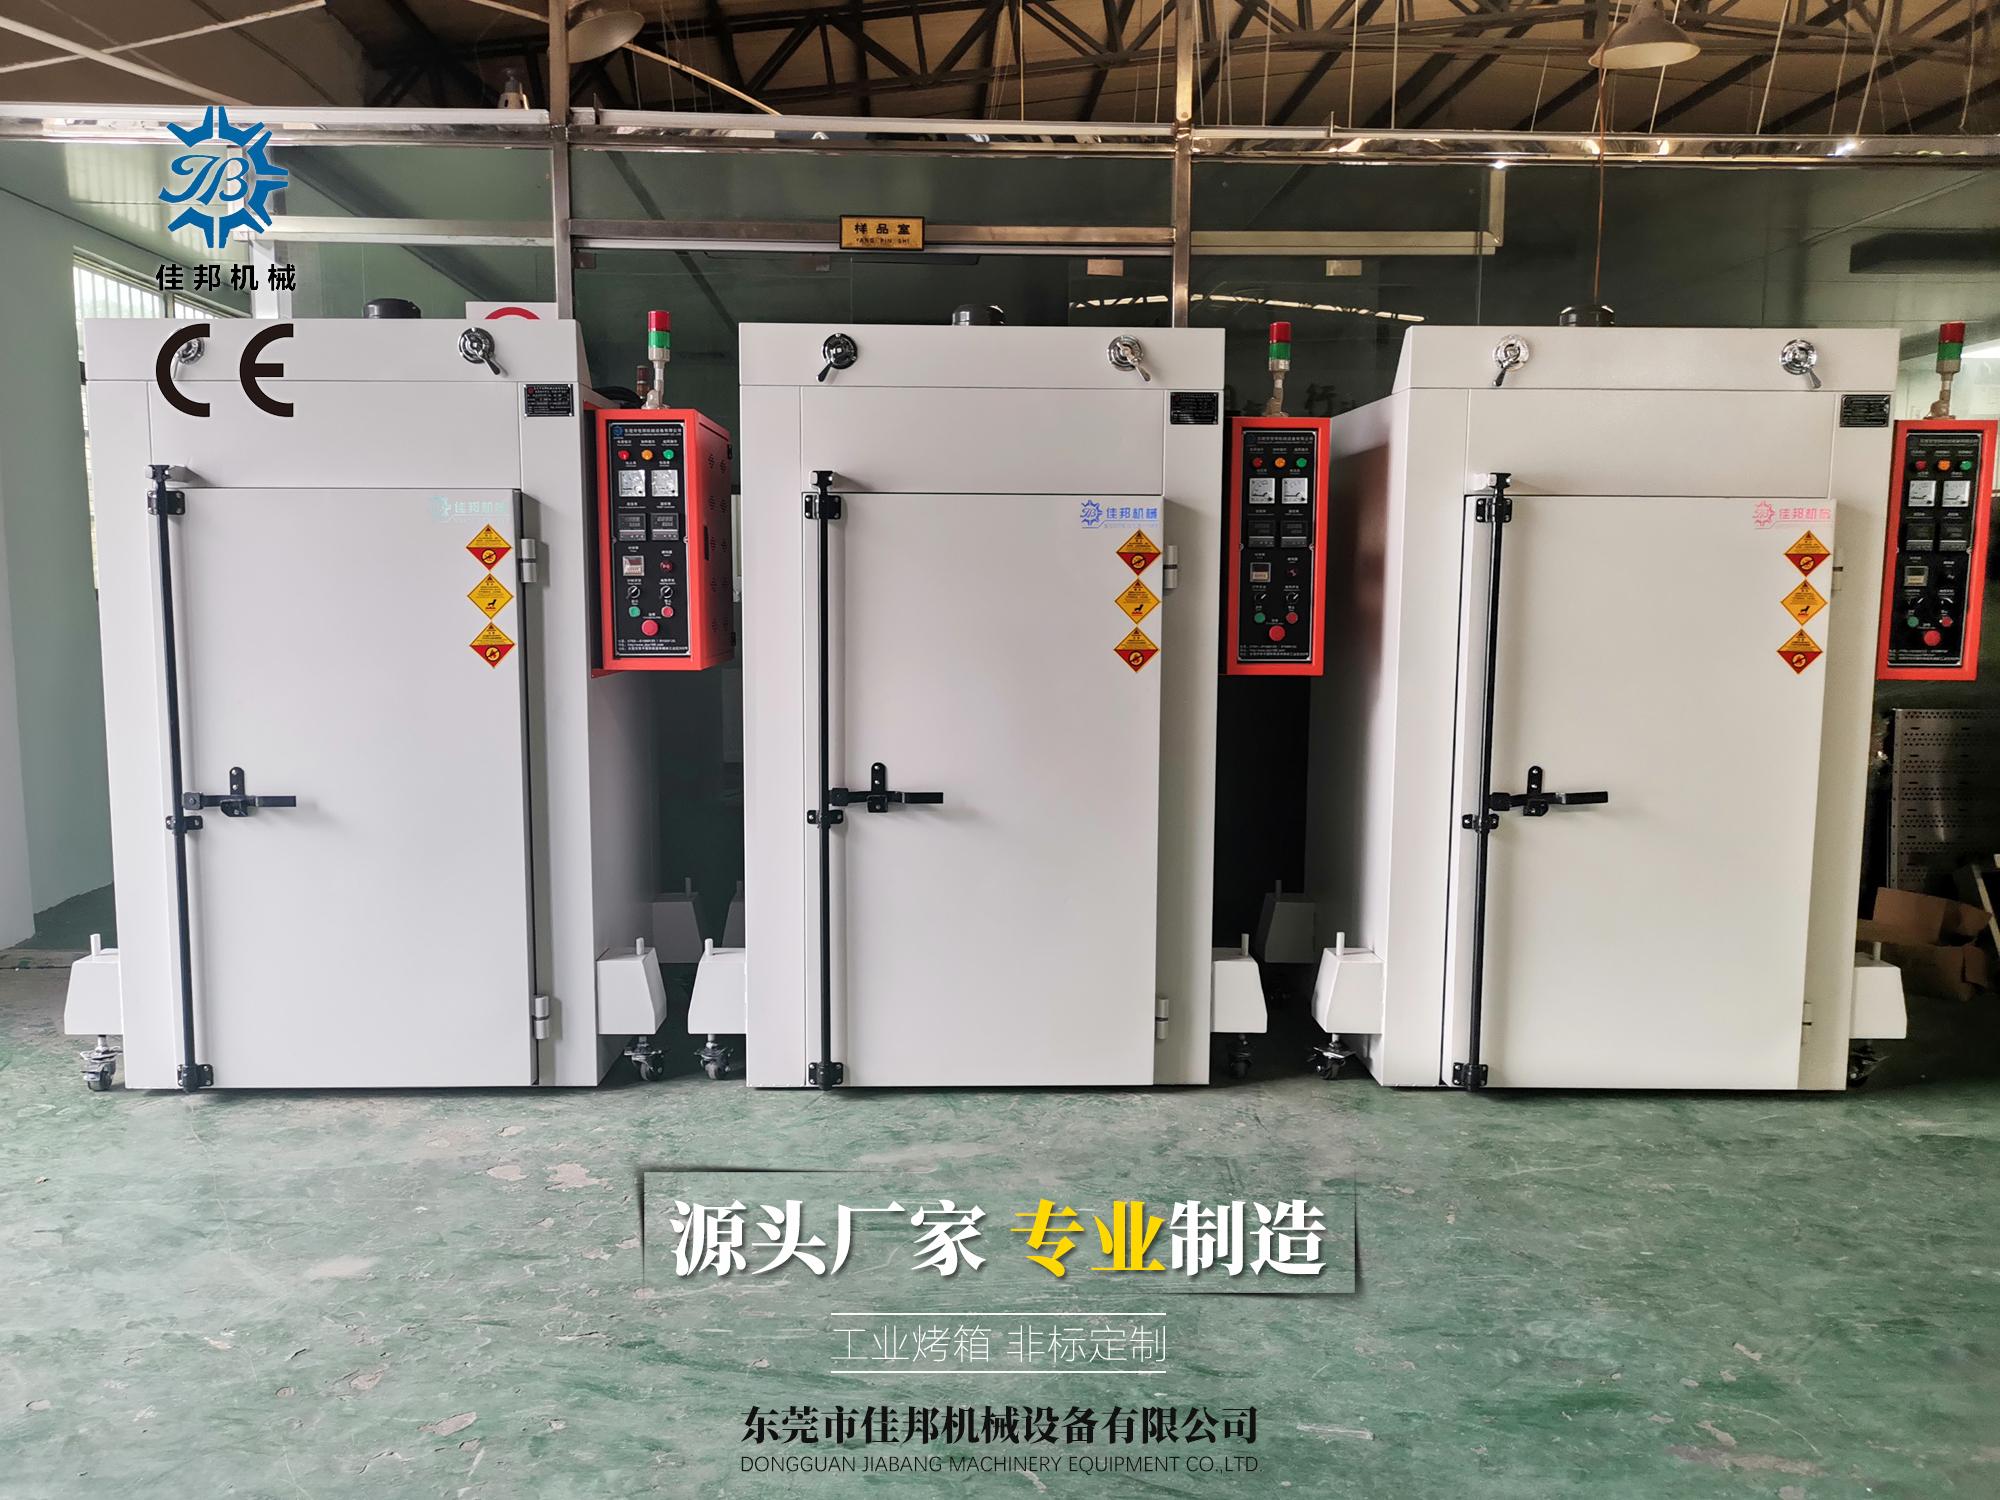 單門工業恒溫烤箱